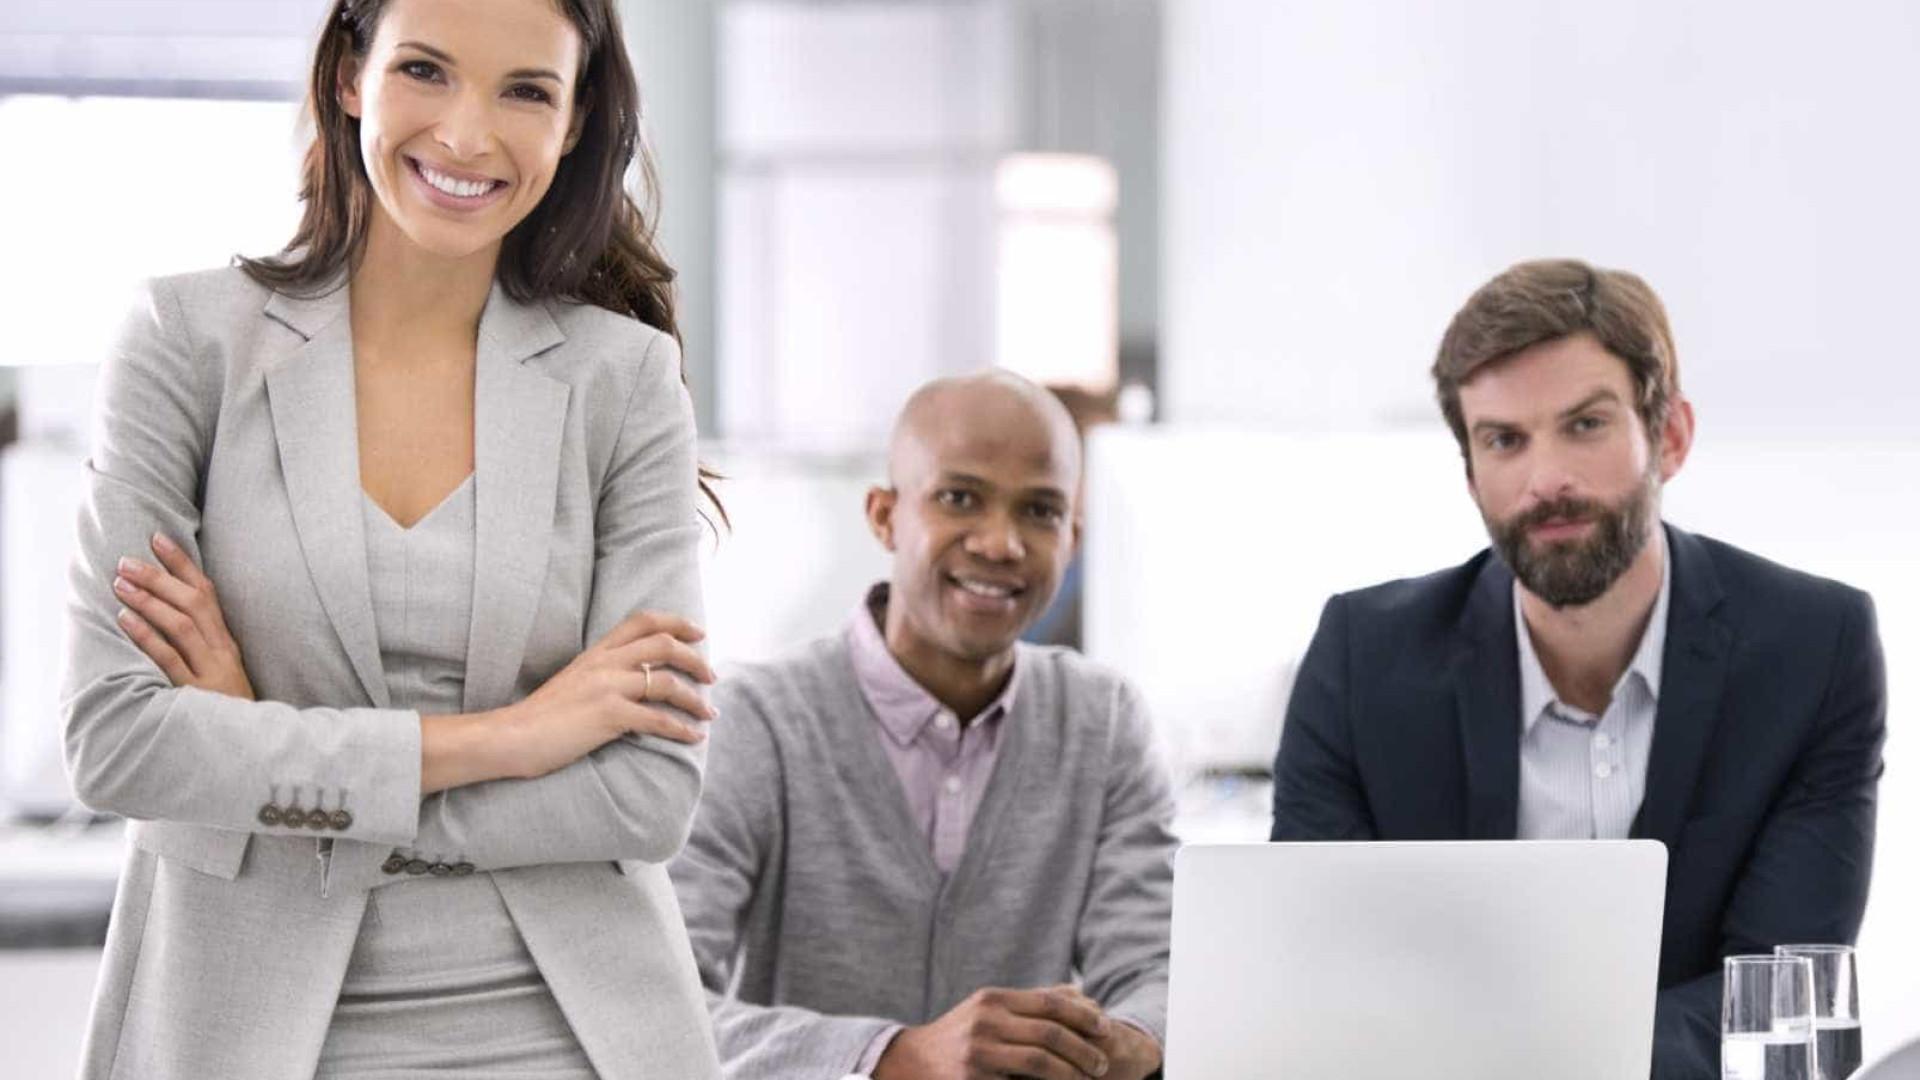 O que é preciso para se ser feliz no trabalho?